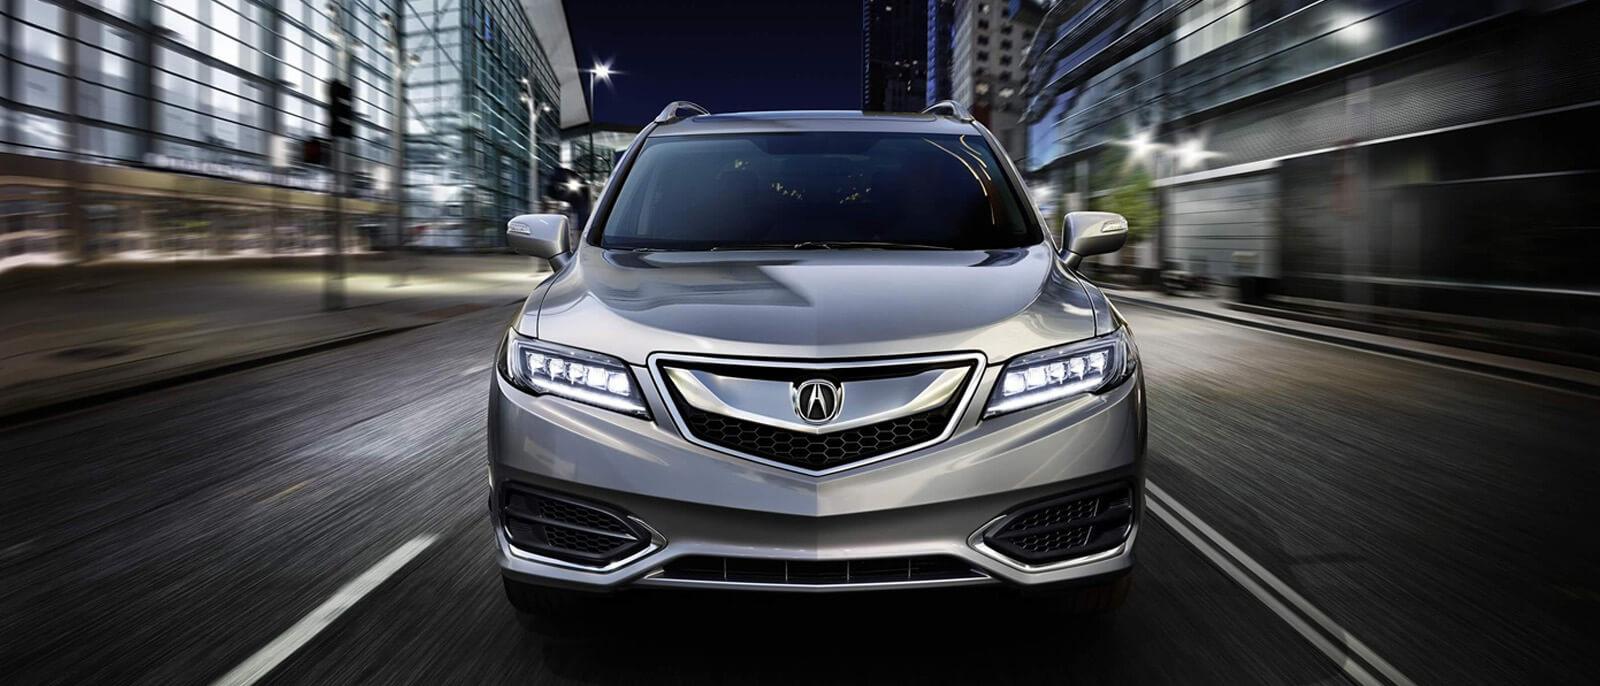 2017-Acura-RDX-slide1